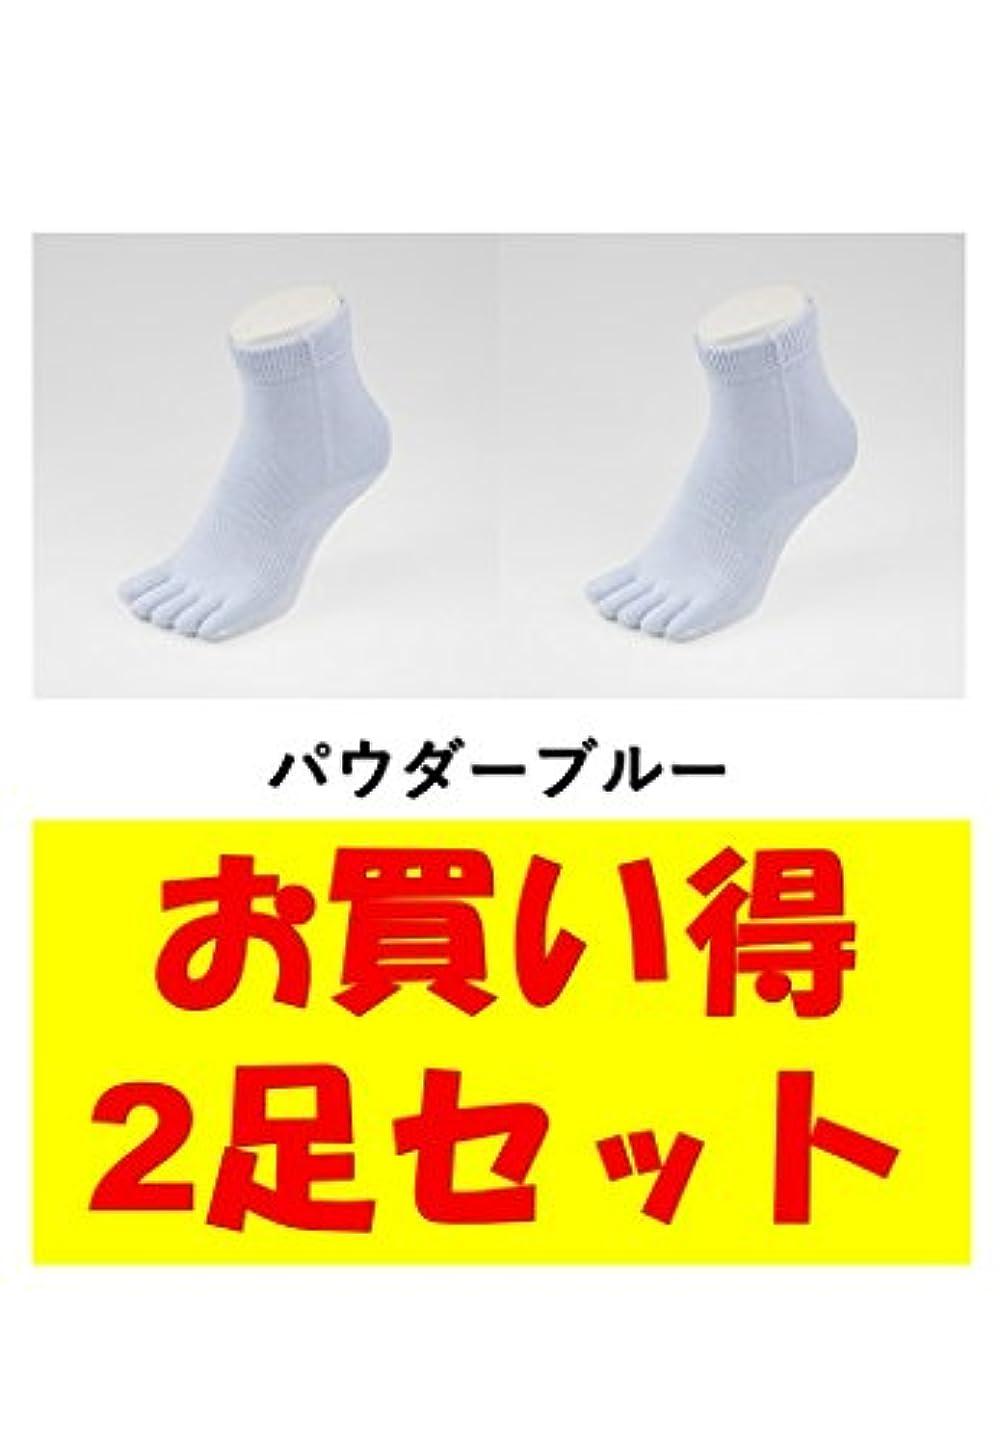 金銭的天才小さなお買い得2足セット 5本指 ゆびのばソックス Neo EVE(イヴ) パウダーブルー Sサイズ(21.0cm - 24.0cm) YSNEVE-PBL